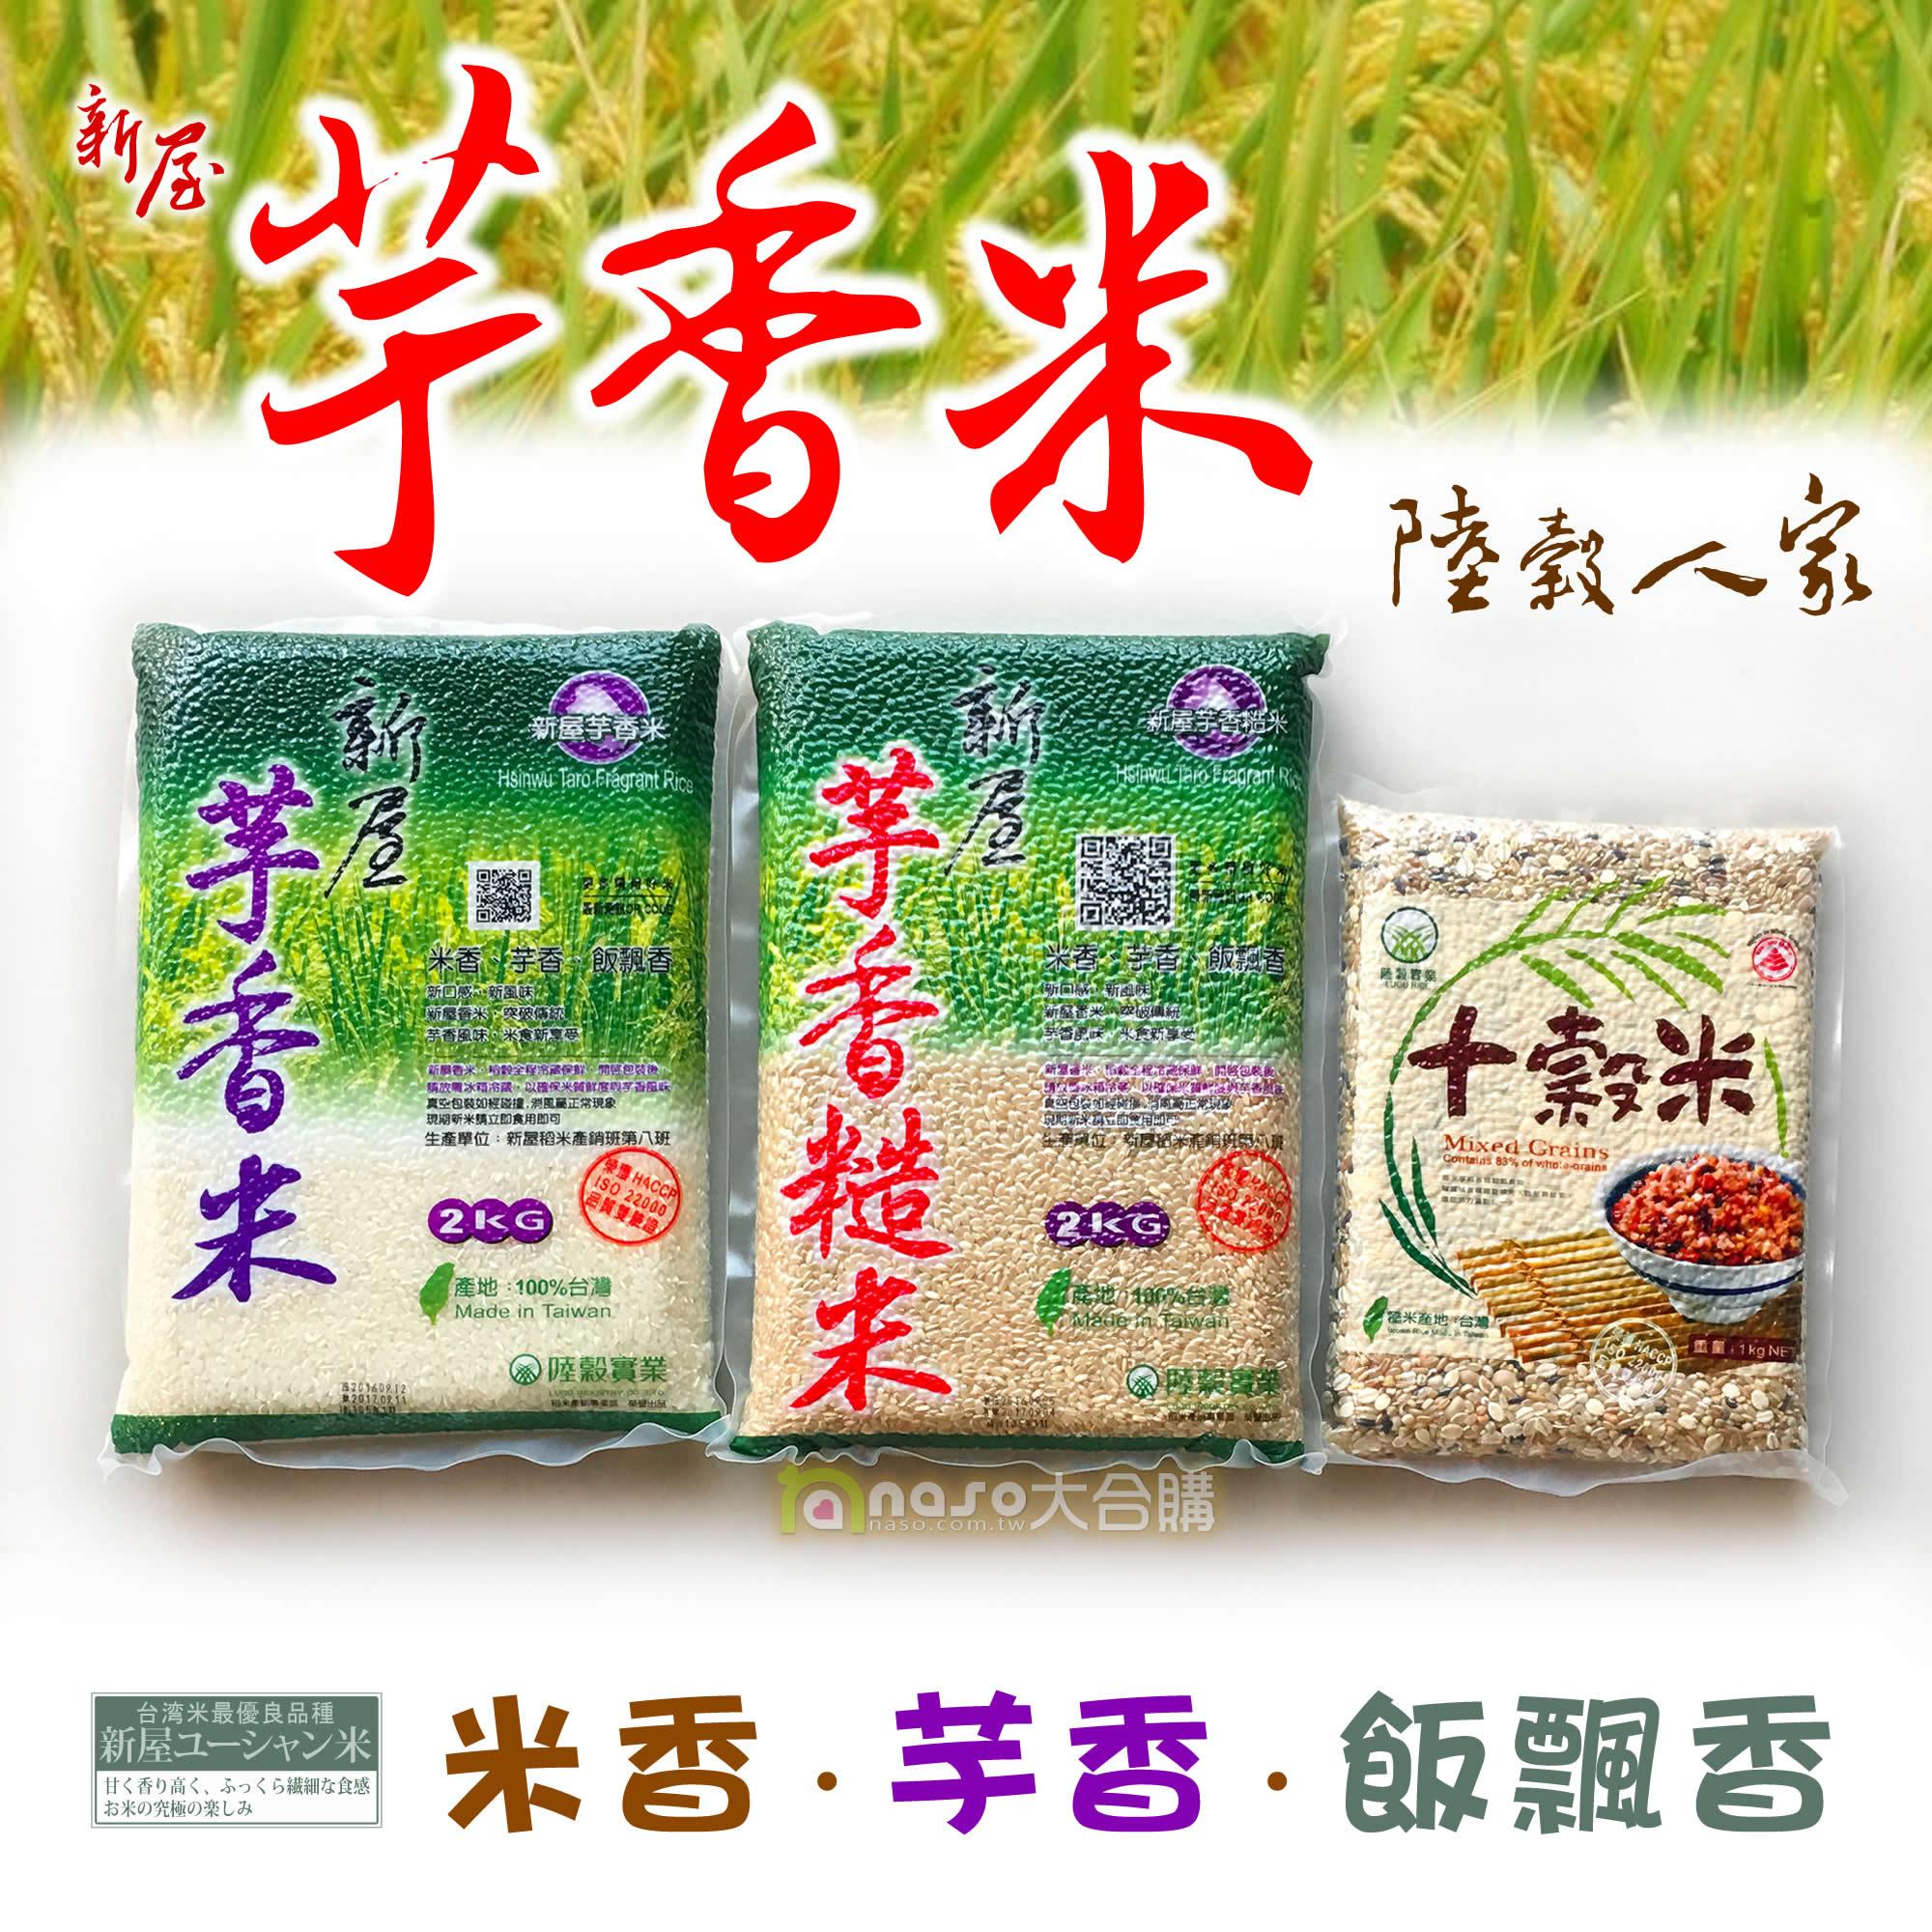 【陸穀人家】新屋芋香米/芋香糙米/十穀米 好評第9團